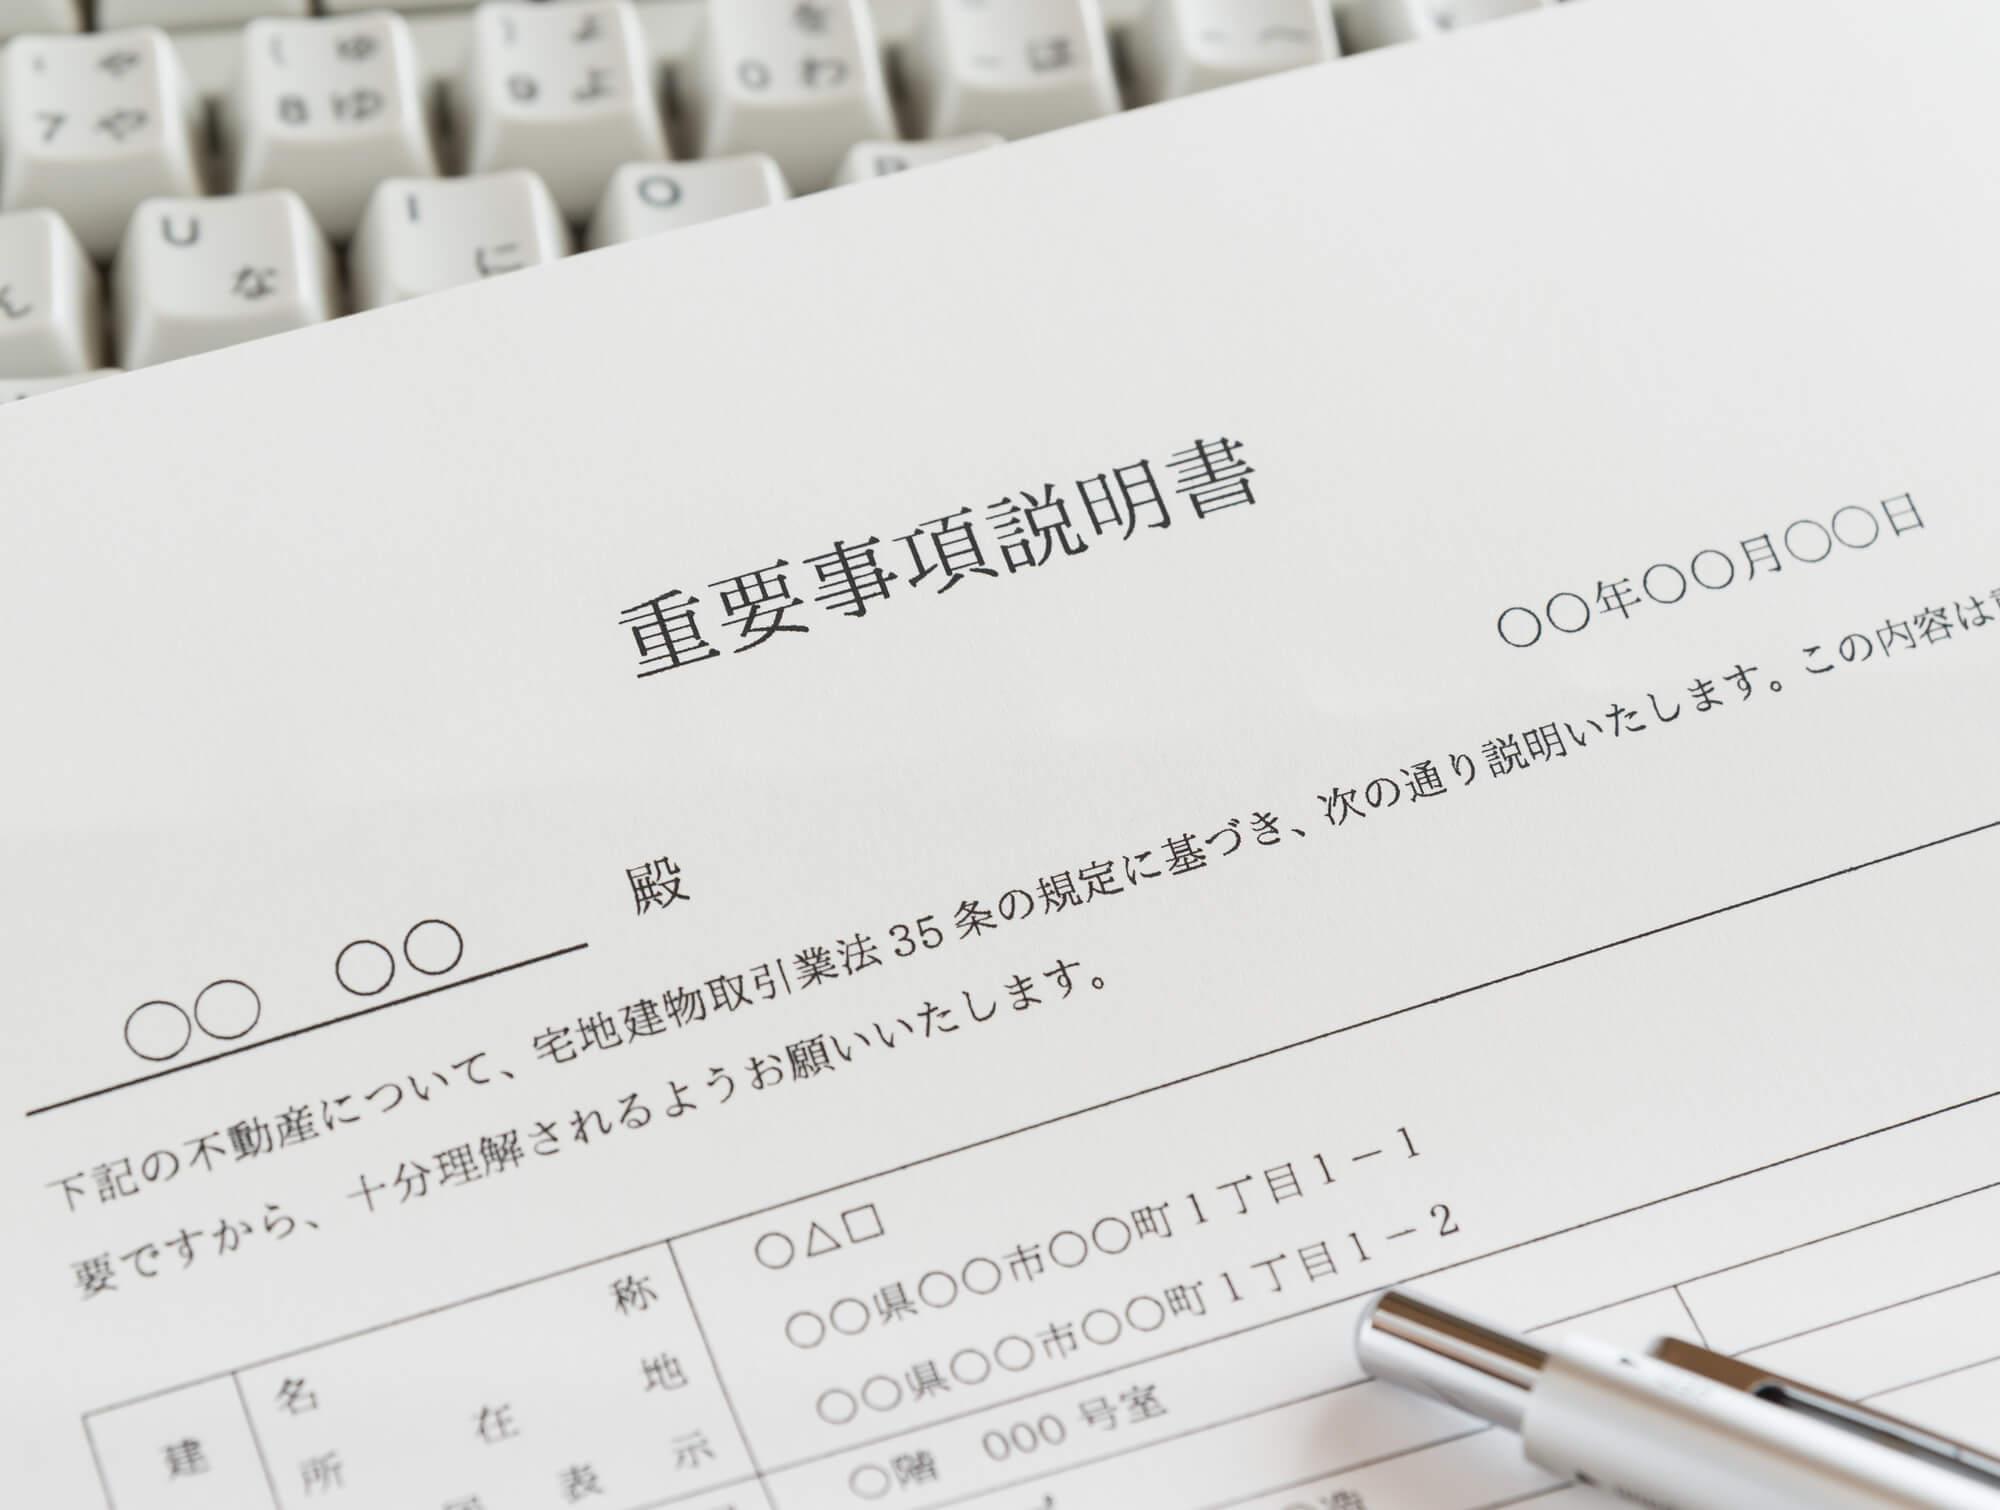 賃貸借契約締結時に絶対に確認すべき12のポイント【お部屋探し初心者必読!】